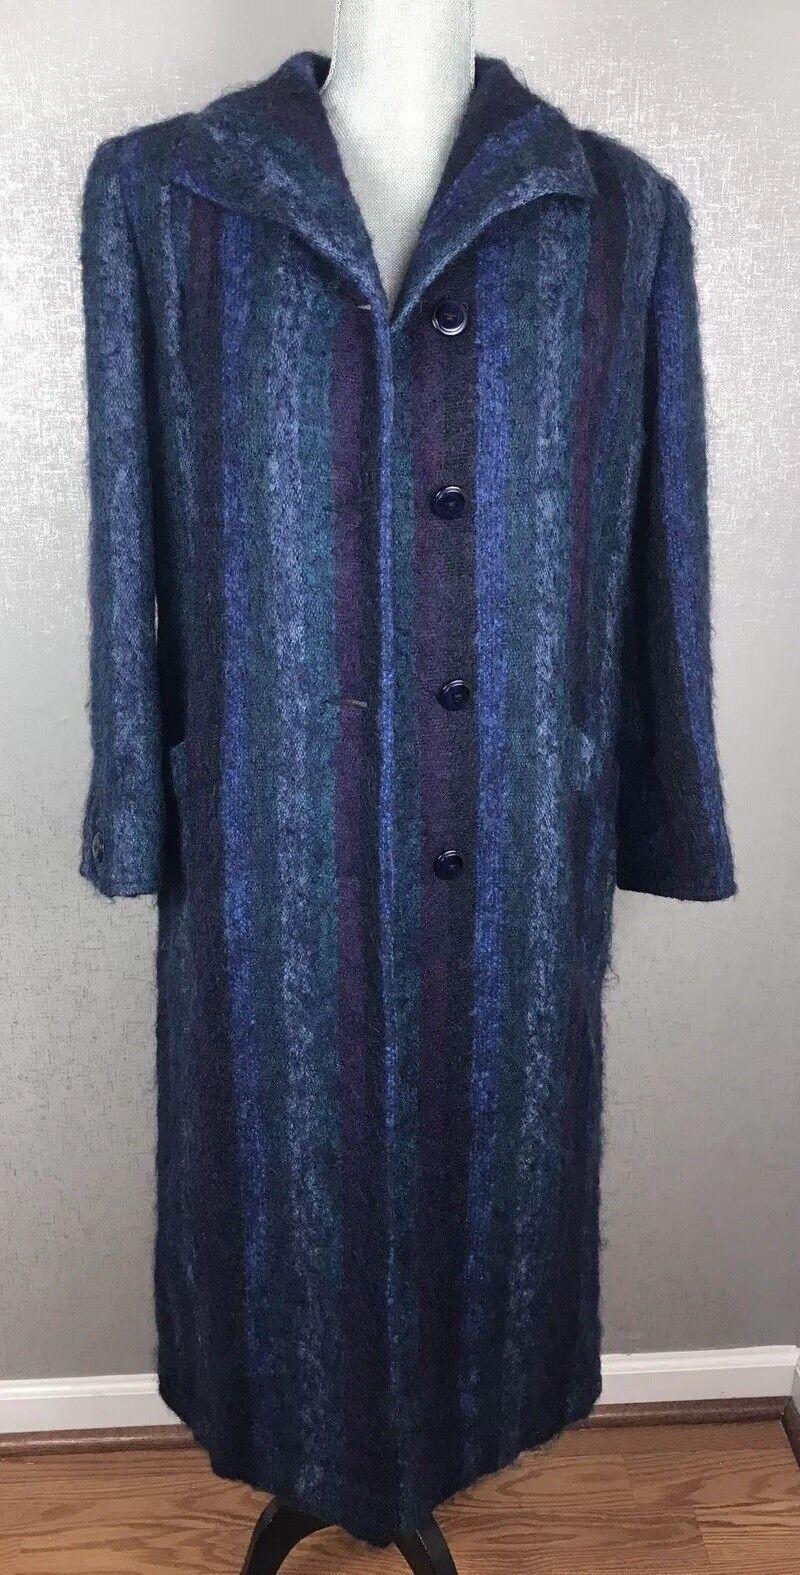 Paul Levy Luxurious Mohair Coat SZ Med Long Purple Purple Purple bluee Stripes Vintage cb3eac